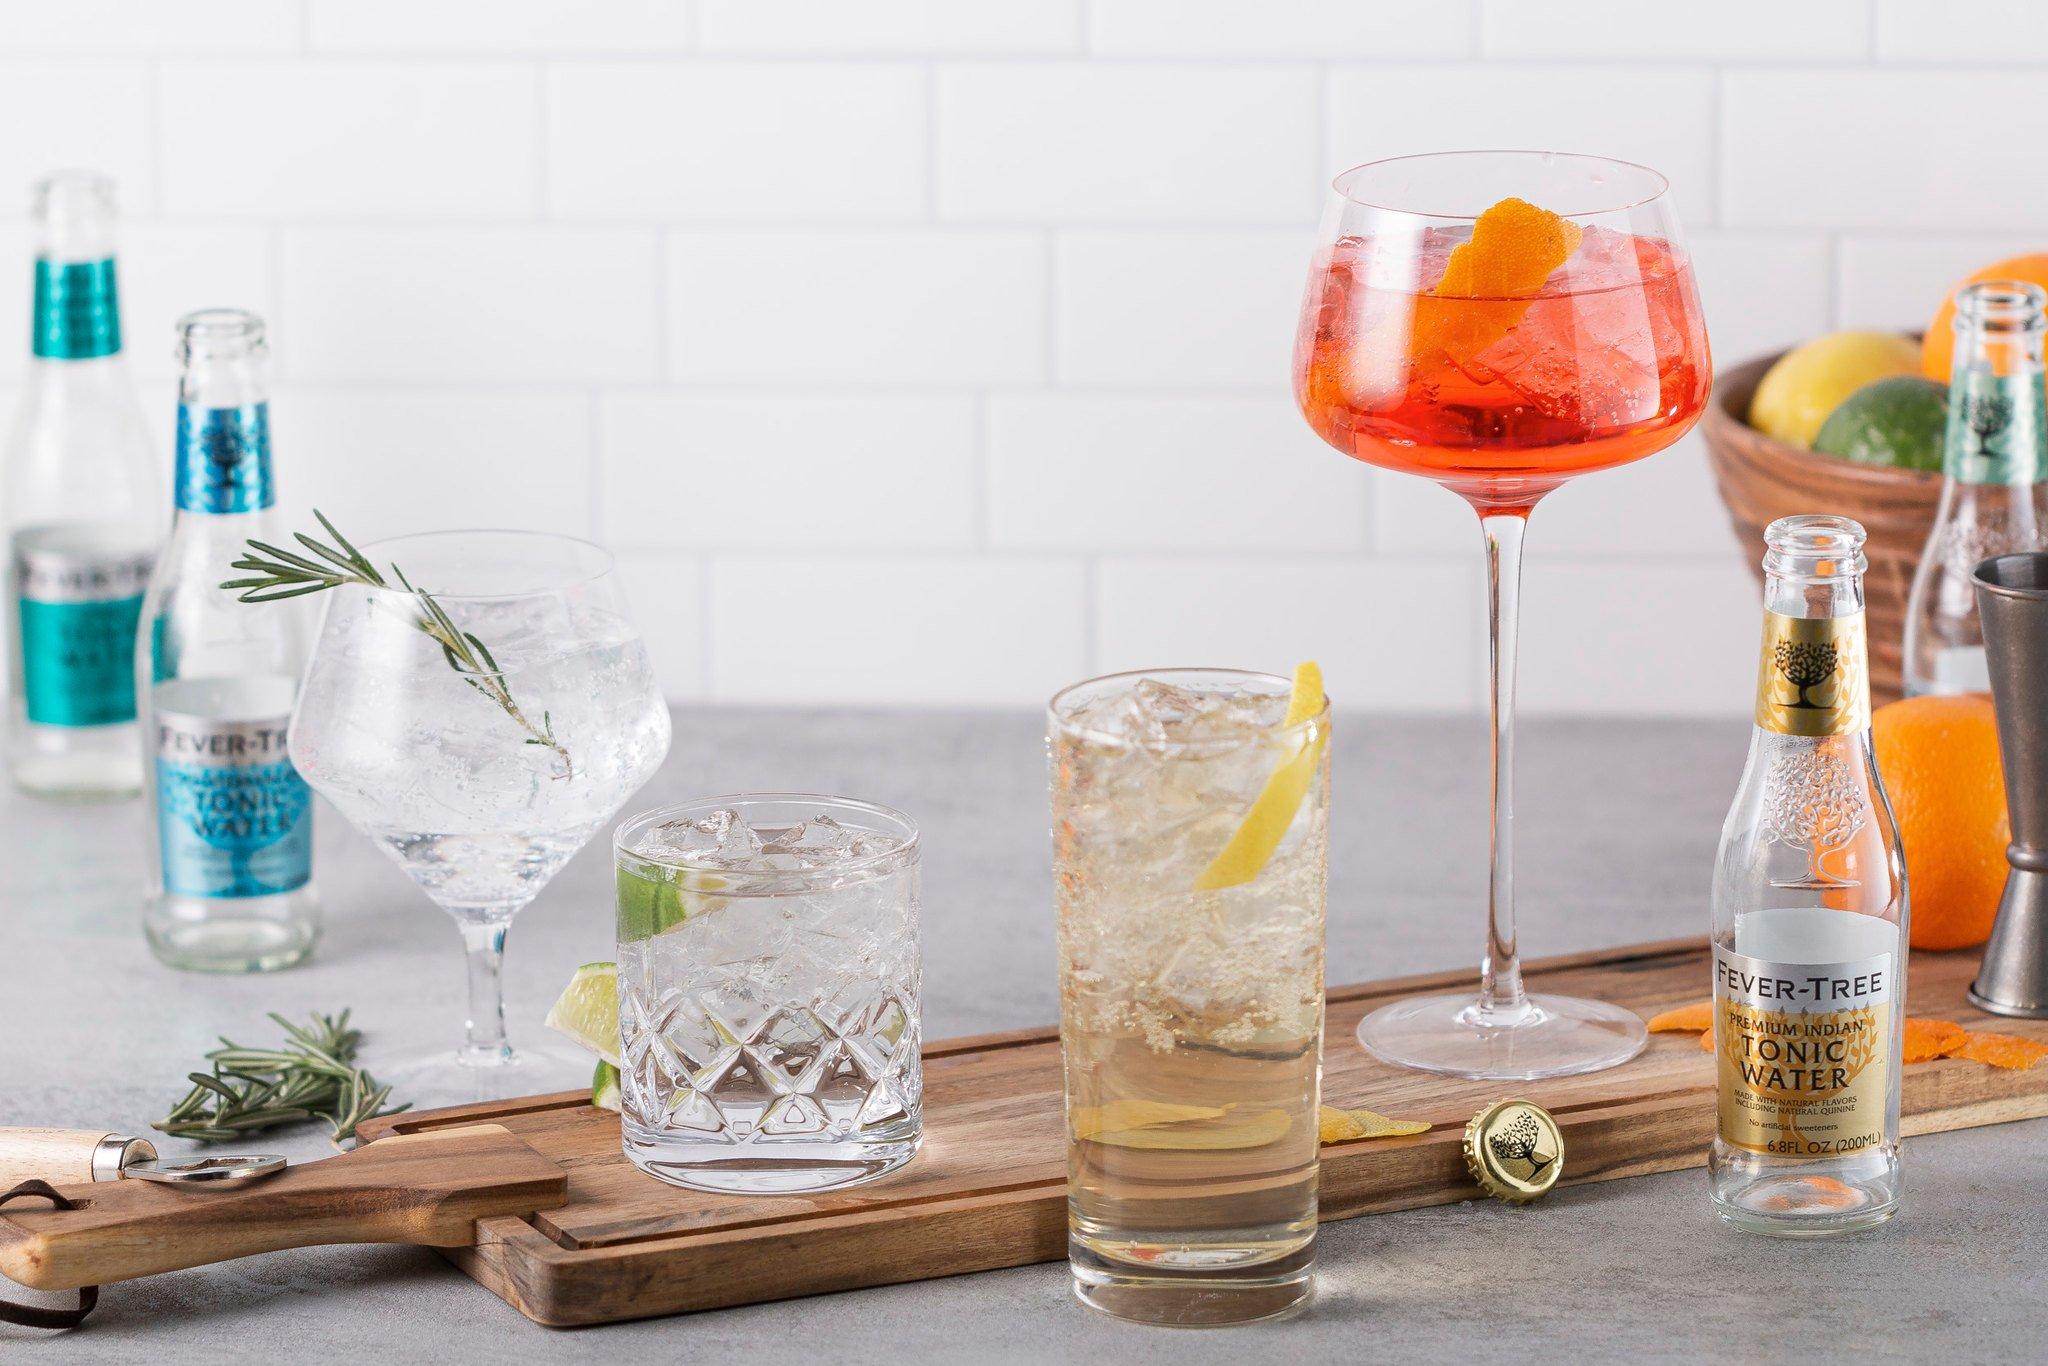 kegworks-fever-tree-tonic-cocktails